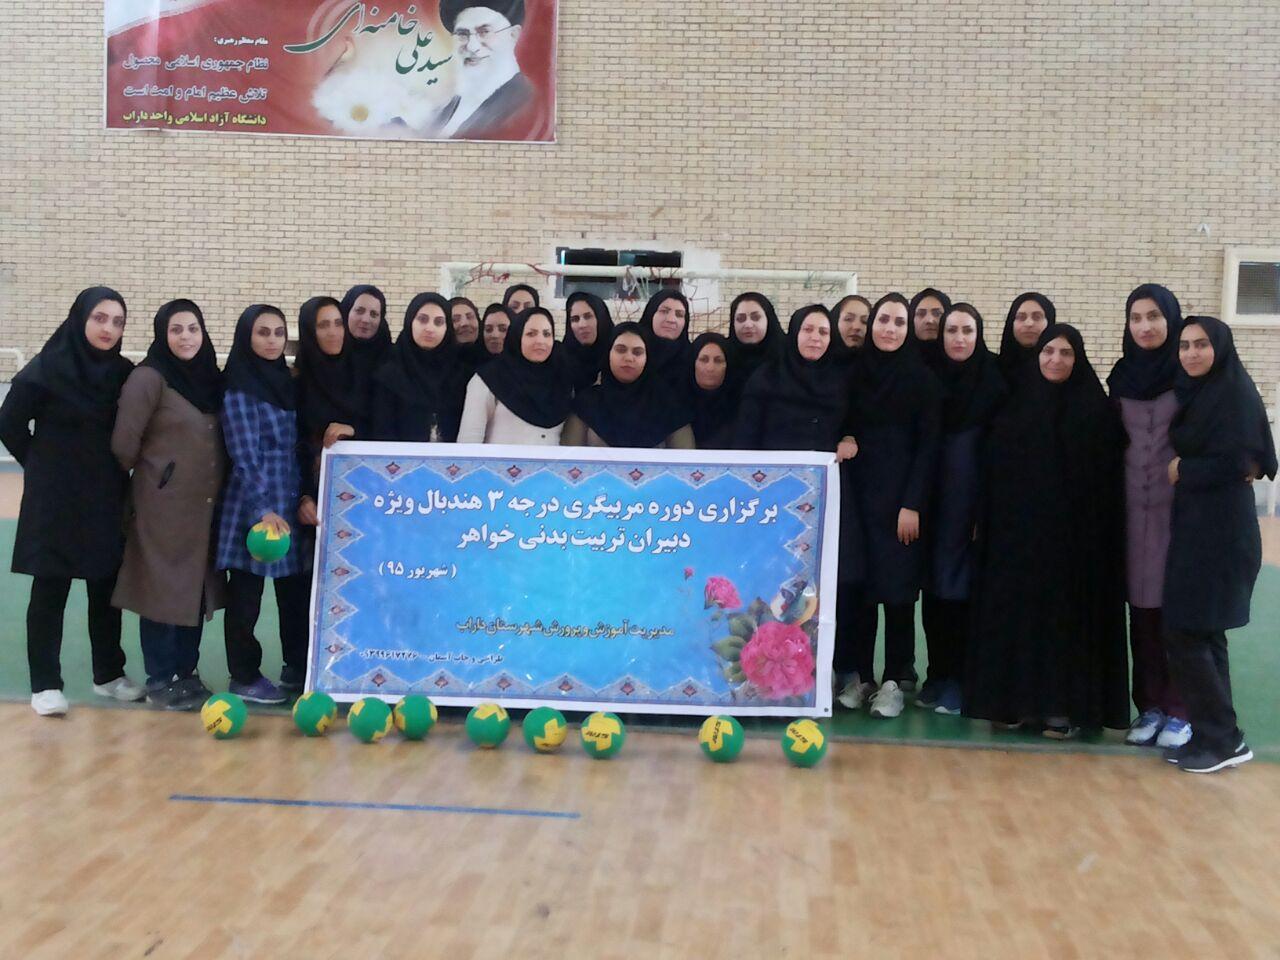 دوره مربیگری درجه ۳ هندبال زیر نظر مدرس فدراسیون هندبال کشور در داراب برگزار شد